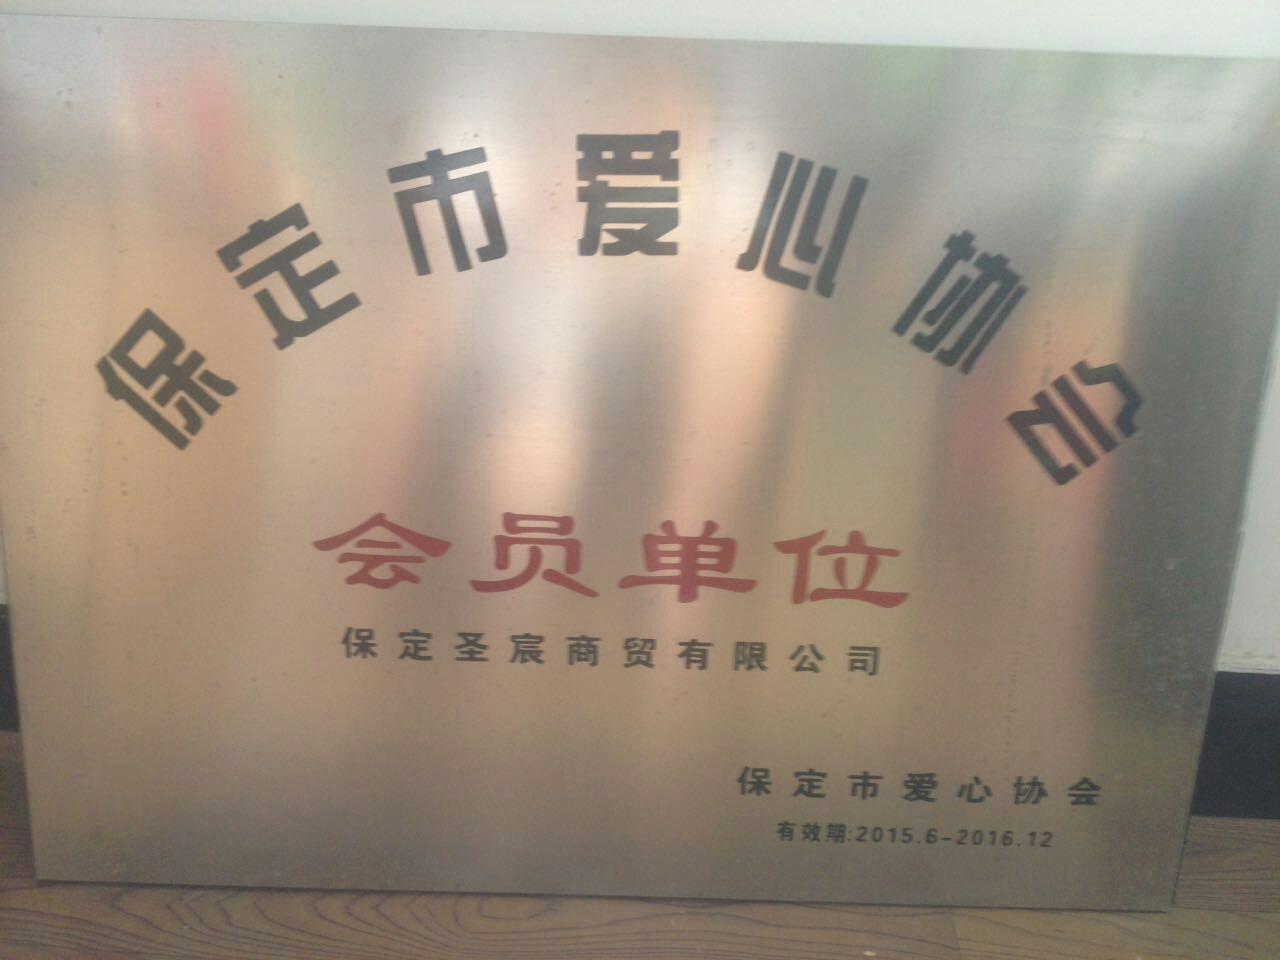 【会员单位】保定圣宸商贸有限公司